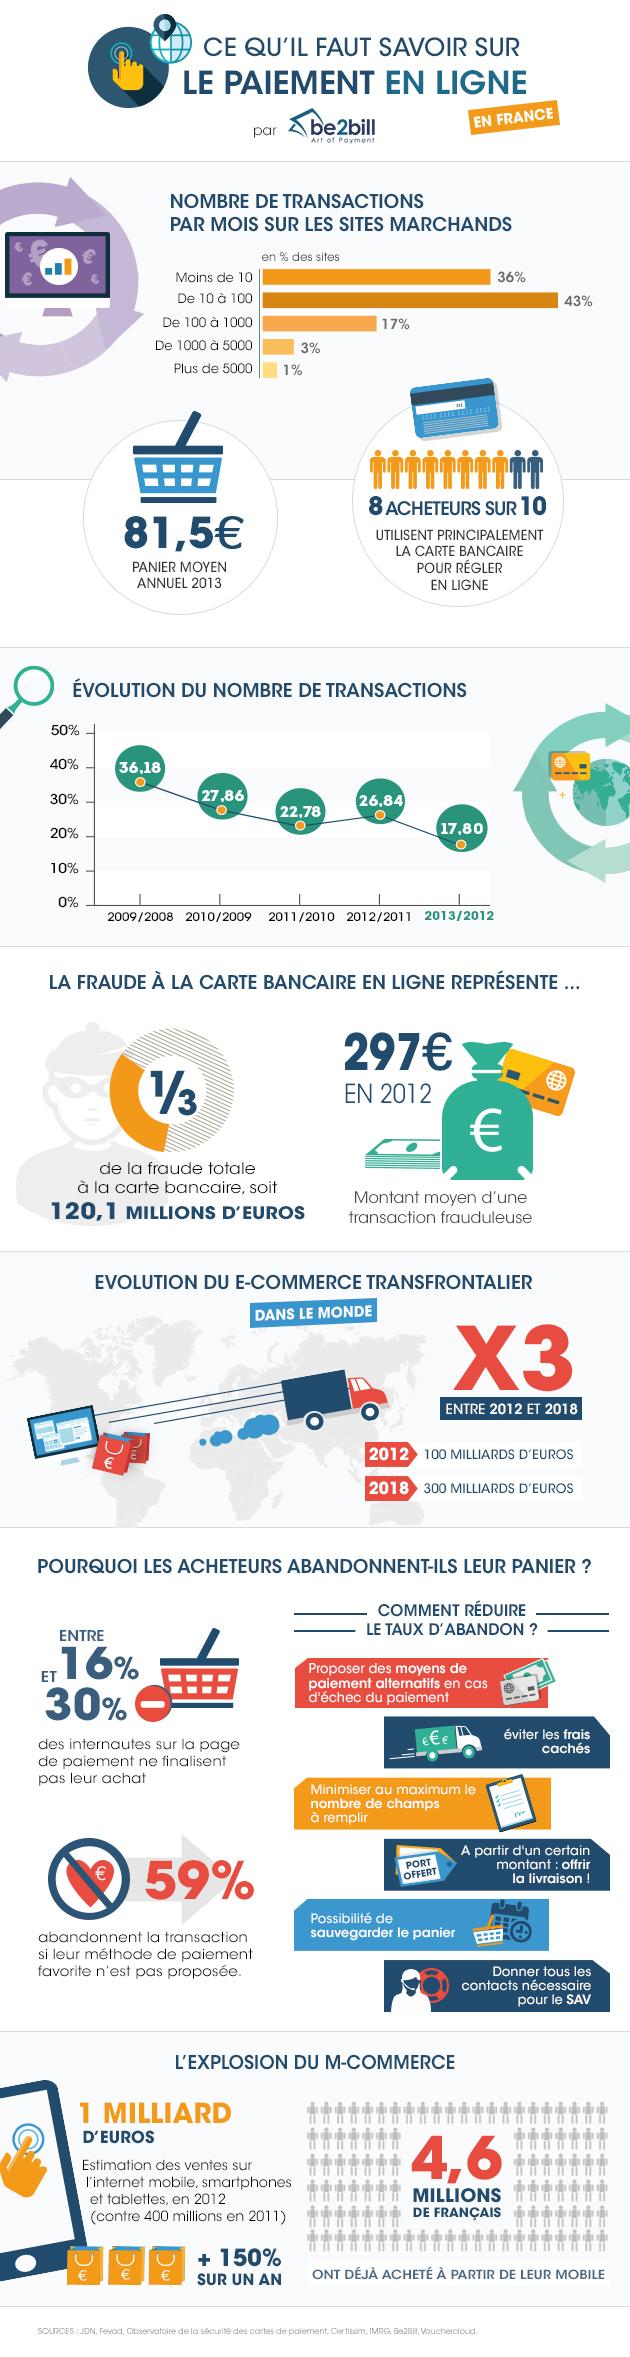 Infographie : Ce qu'il faut savoir sur le paiement en ligne (be2bill)